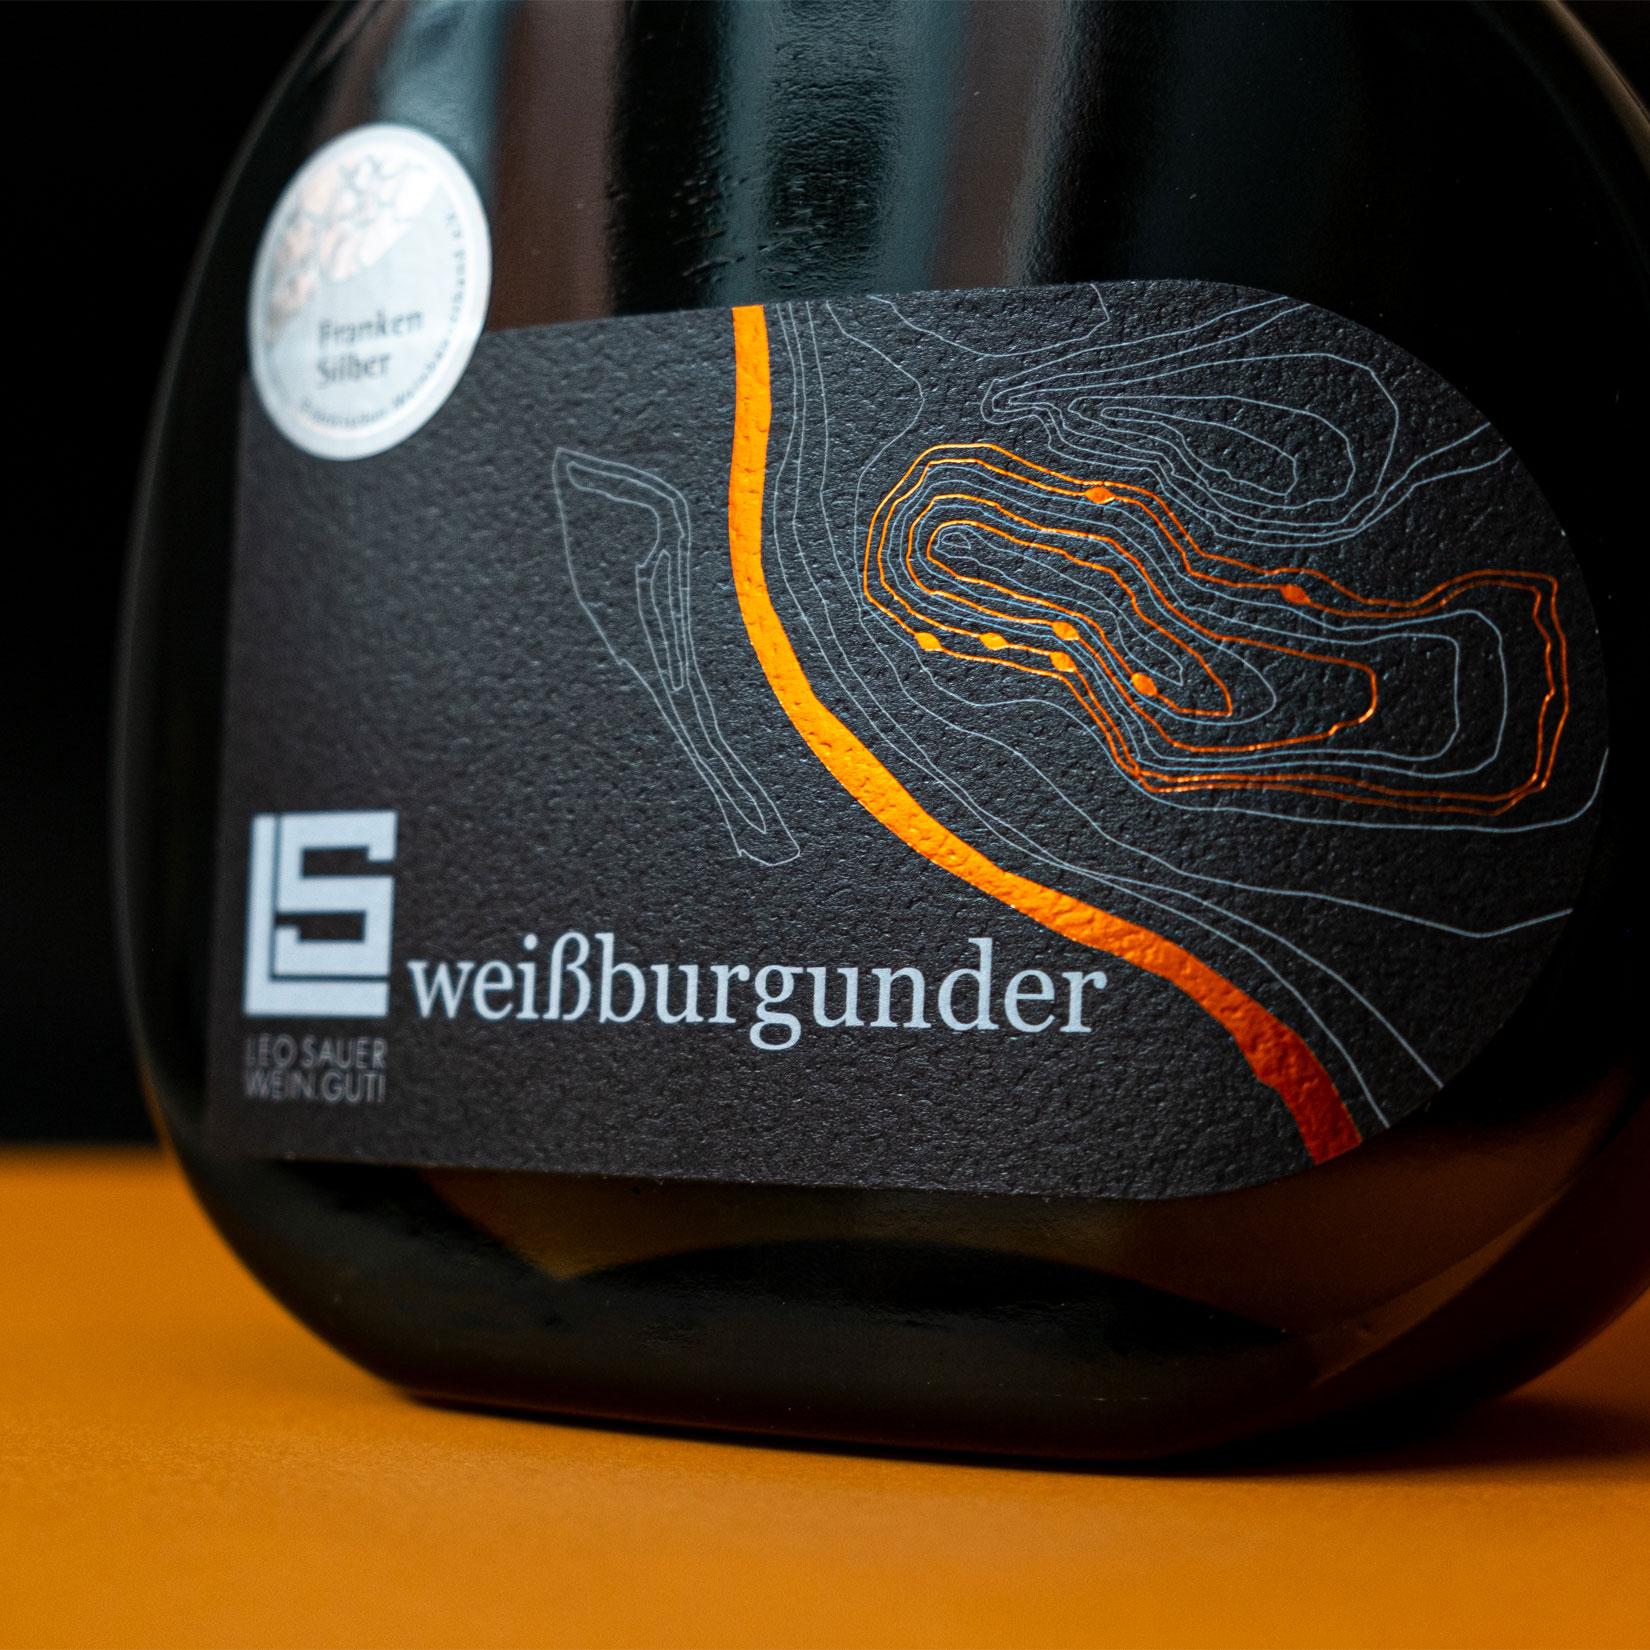 Weingut Flaschen Etiketten